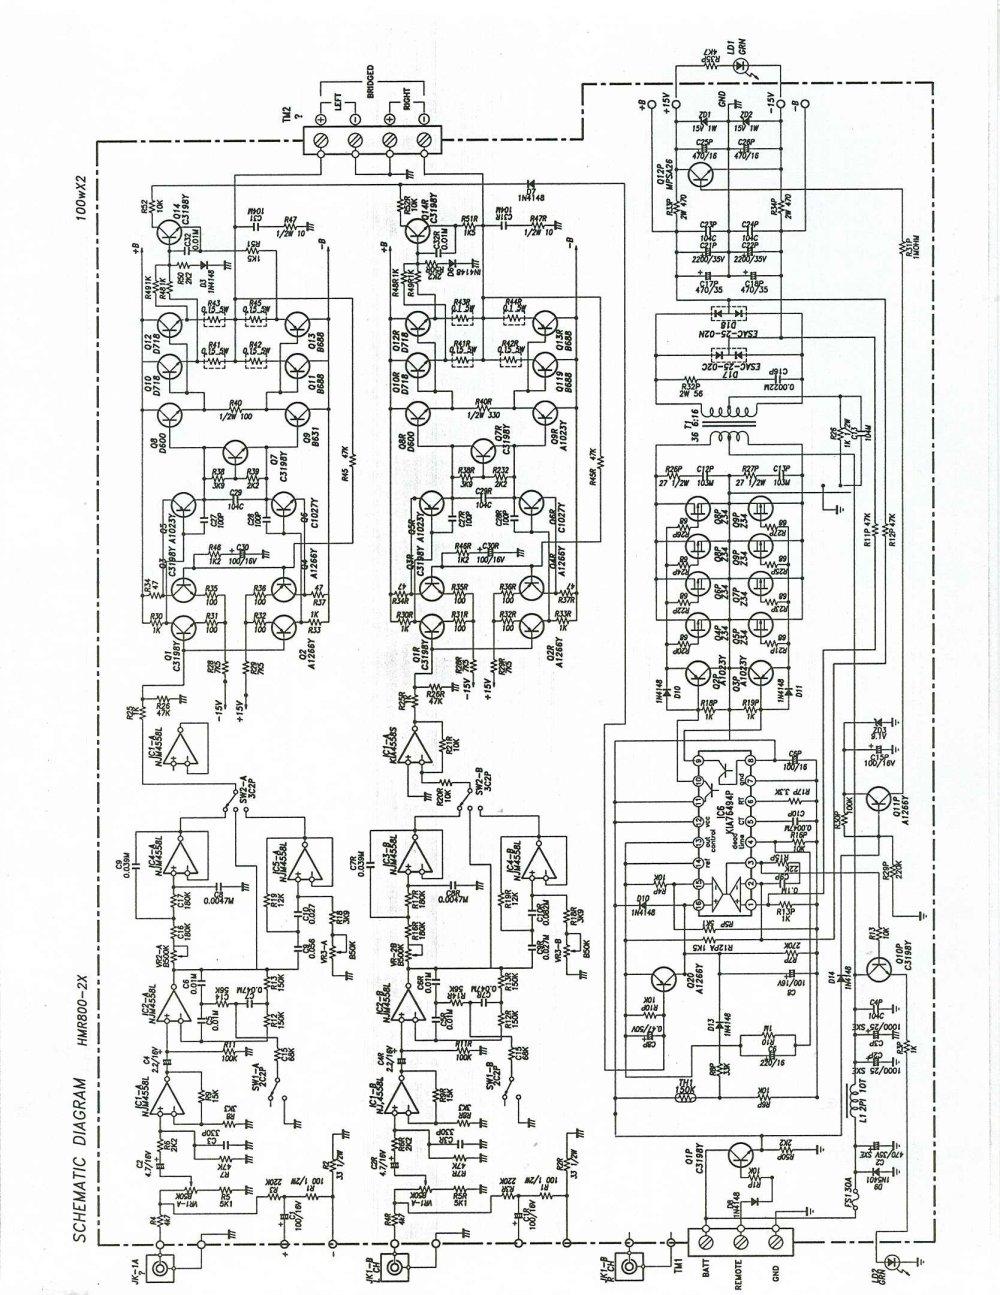 medium resolution of car amplifier schematics easy wiring diagrams simple audio amplifier circuit schematic car audio amp schematic